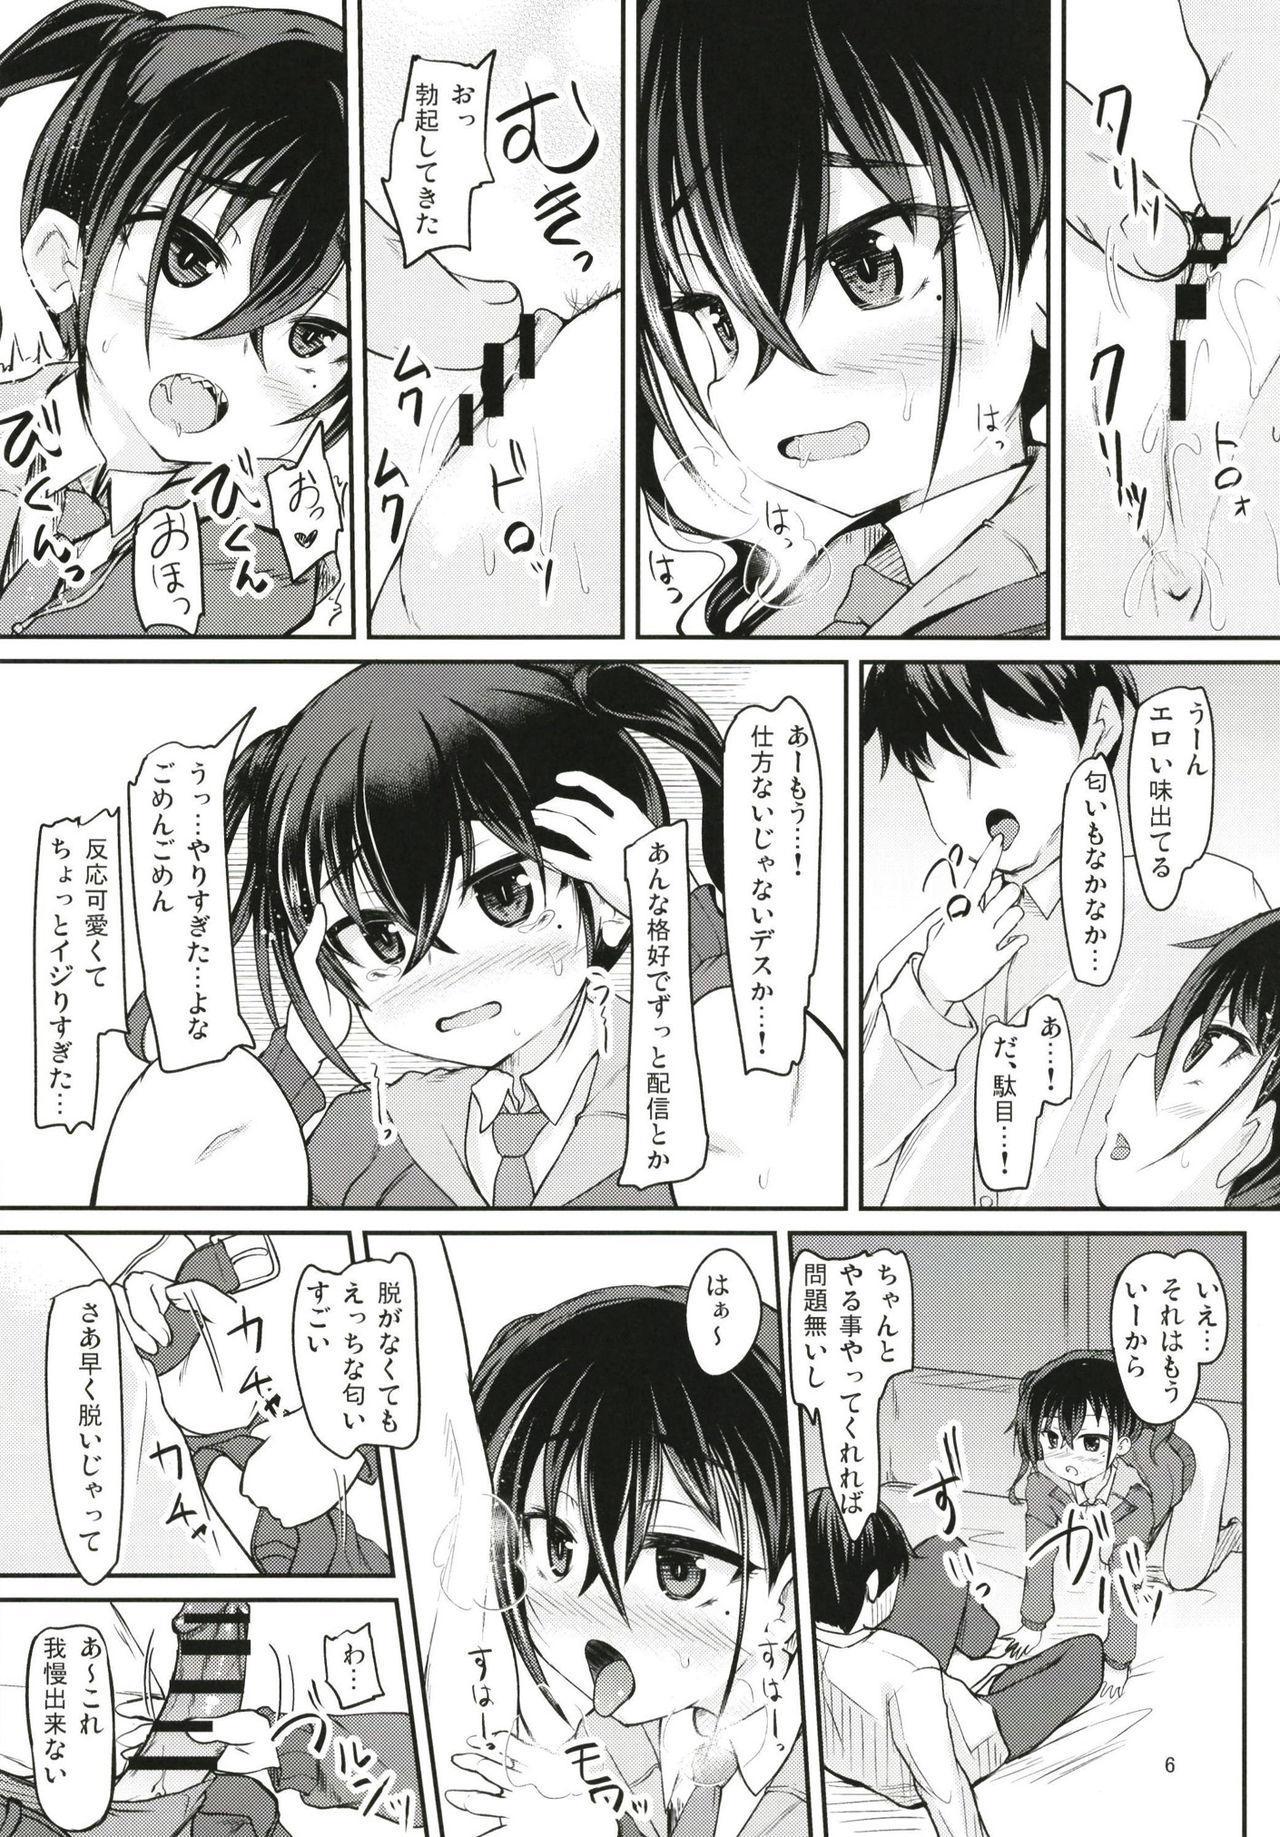 Haishin no Ato wa... 5